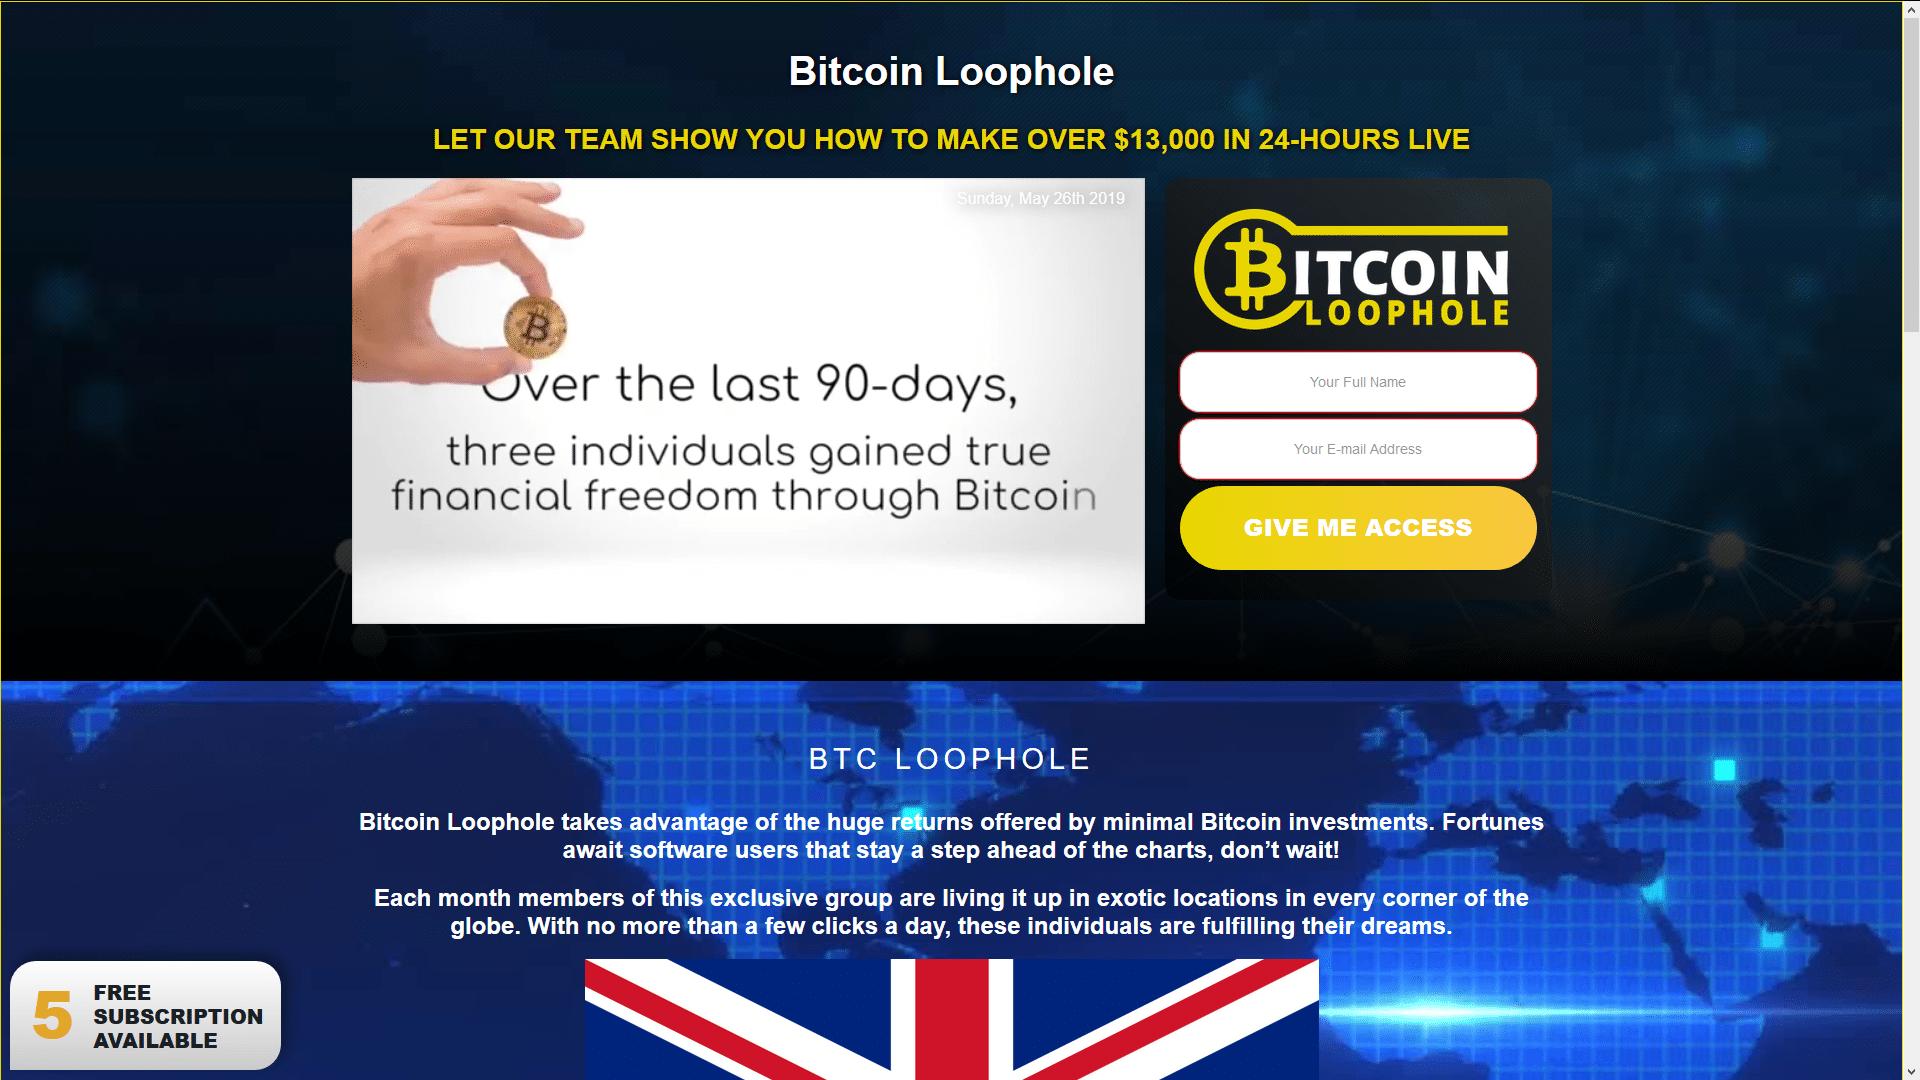 toronto bitcoin atm posizione piccoli guadagni da casa